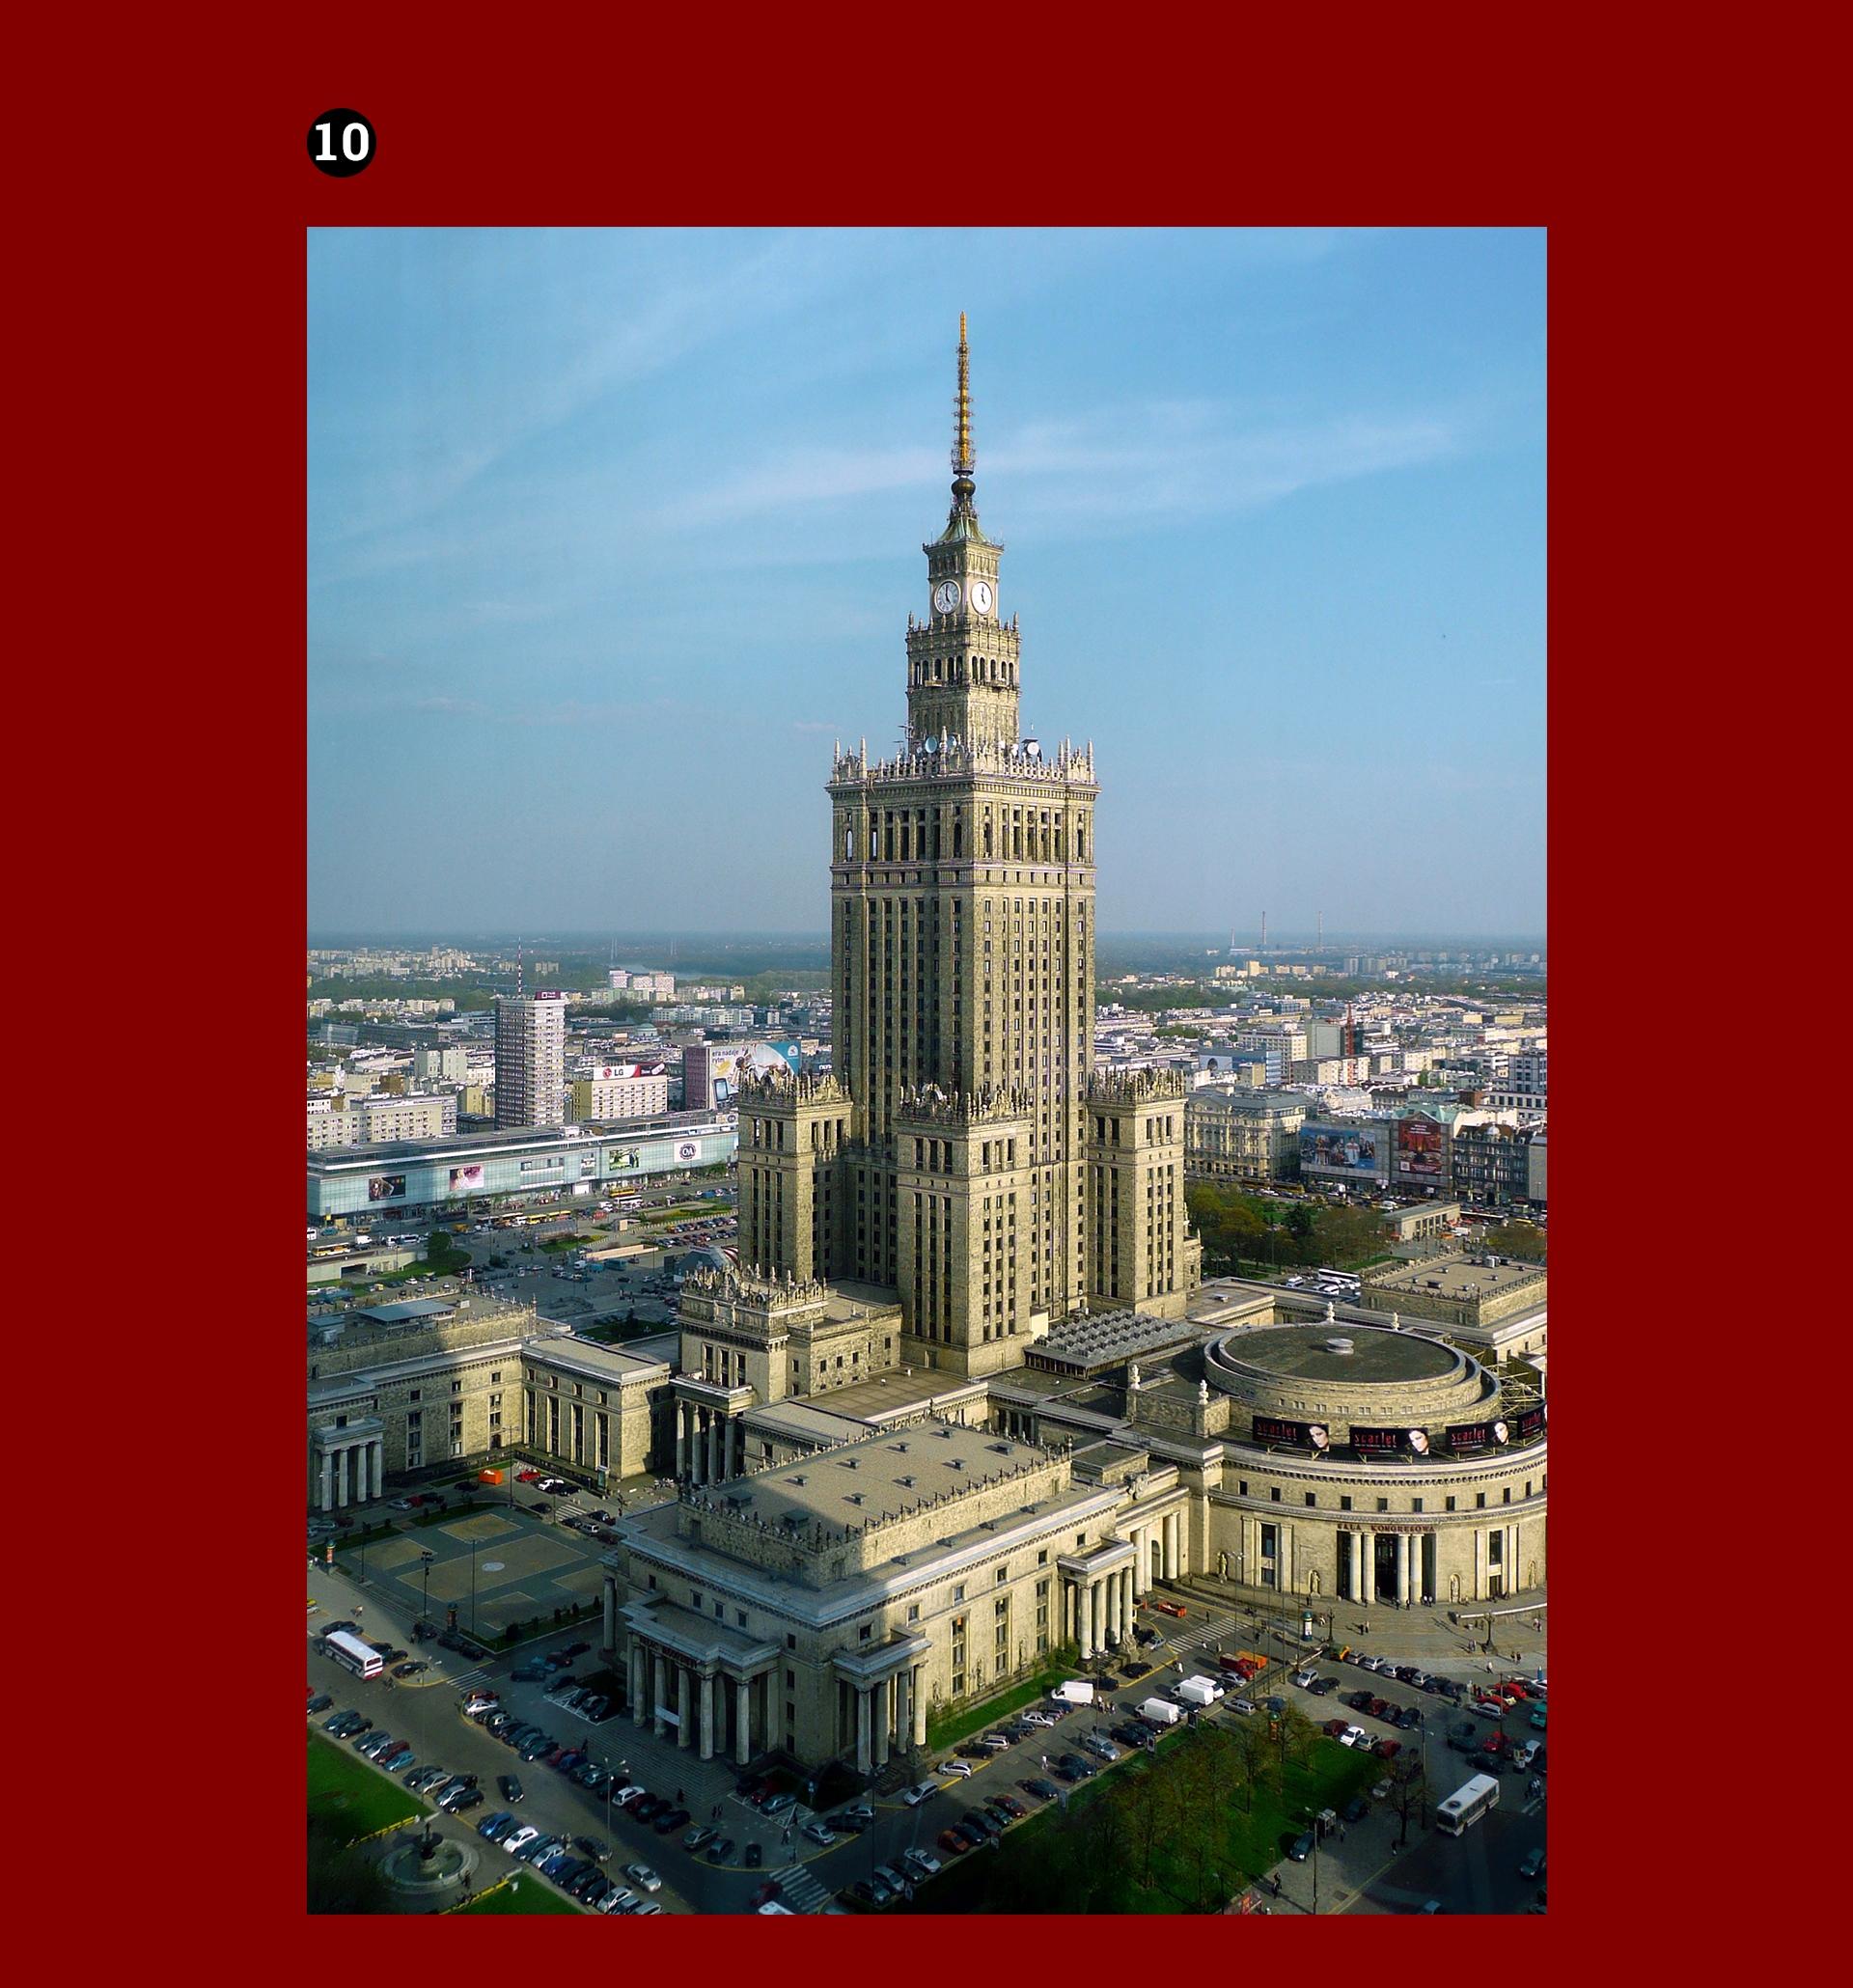 Obraz przedstawia fotografię Pałacu Kultury i Nauki w Warszawie. Zdjęcie umieszczone na bordowym tle.